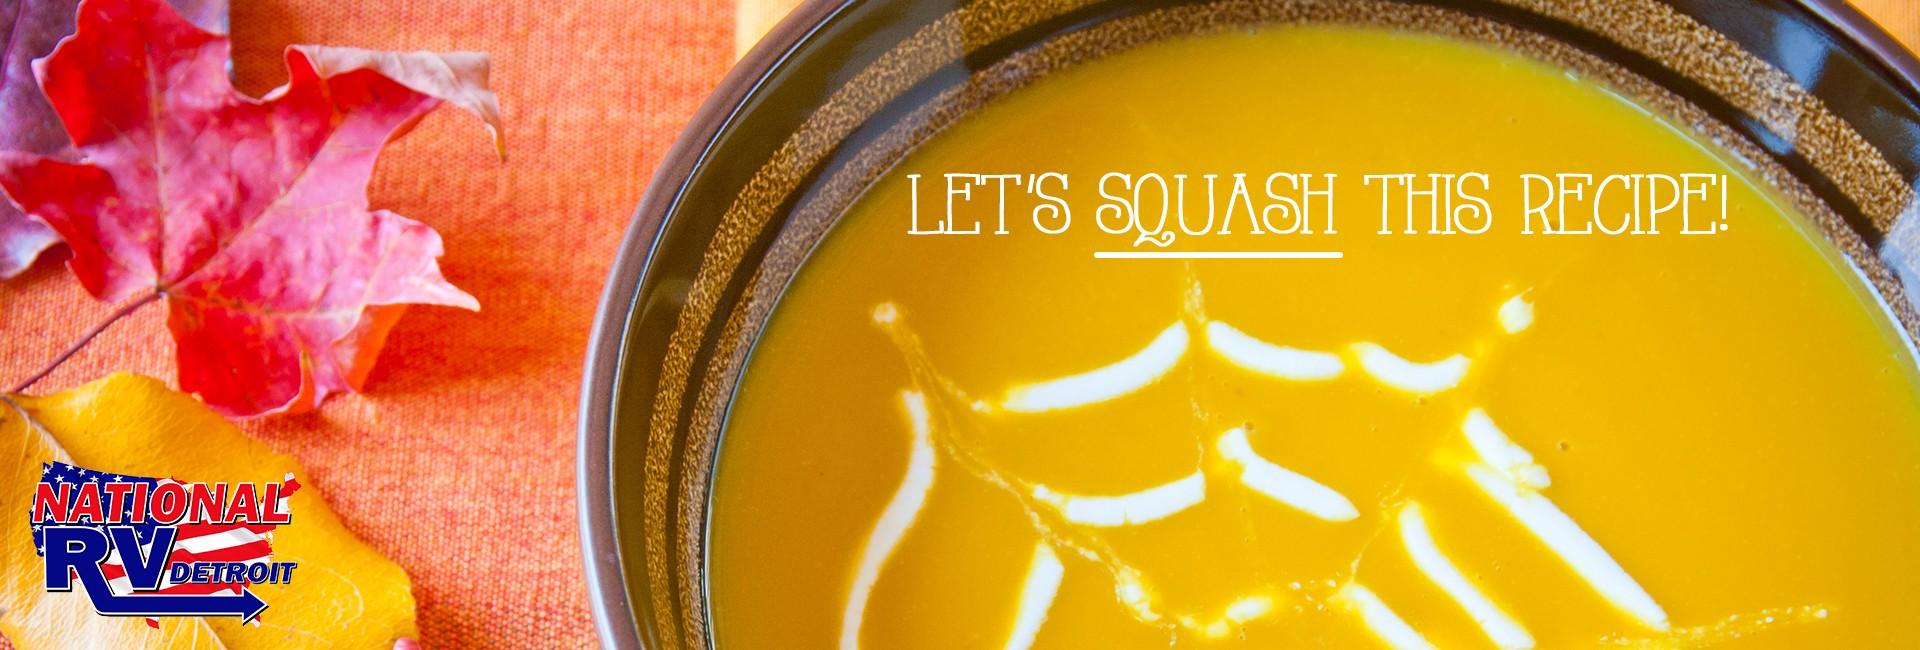 lets squash this recipe